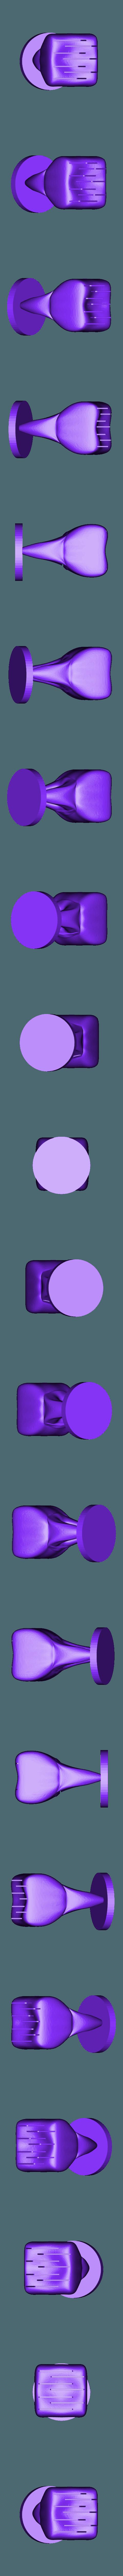 Muela tarjetero.stl Télécharger fichier STL gratuit Dentiste titulaire de la carte • Plan pour impression 3D, DanielGimenezFosch